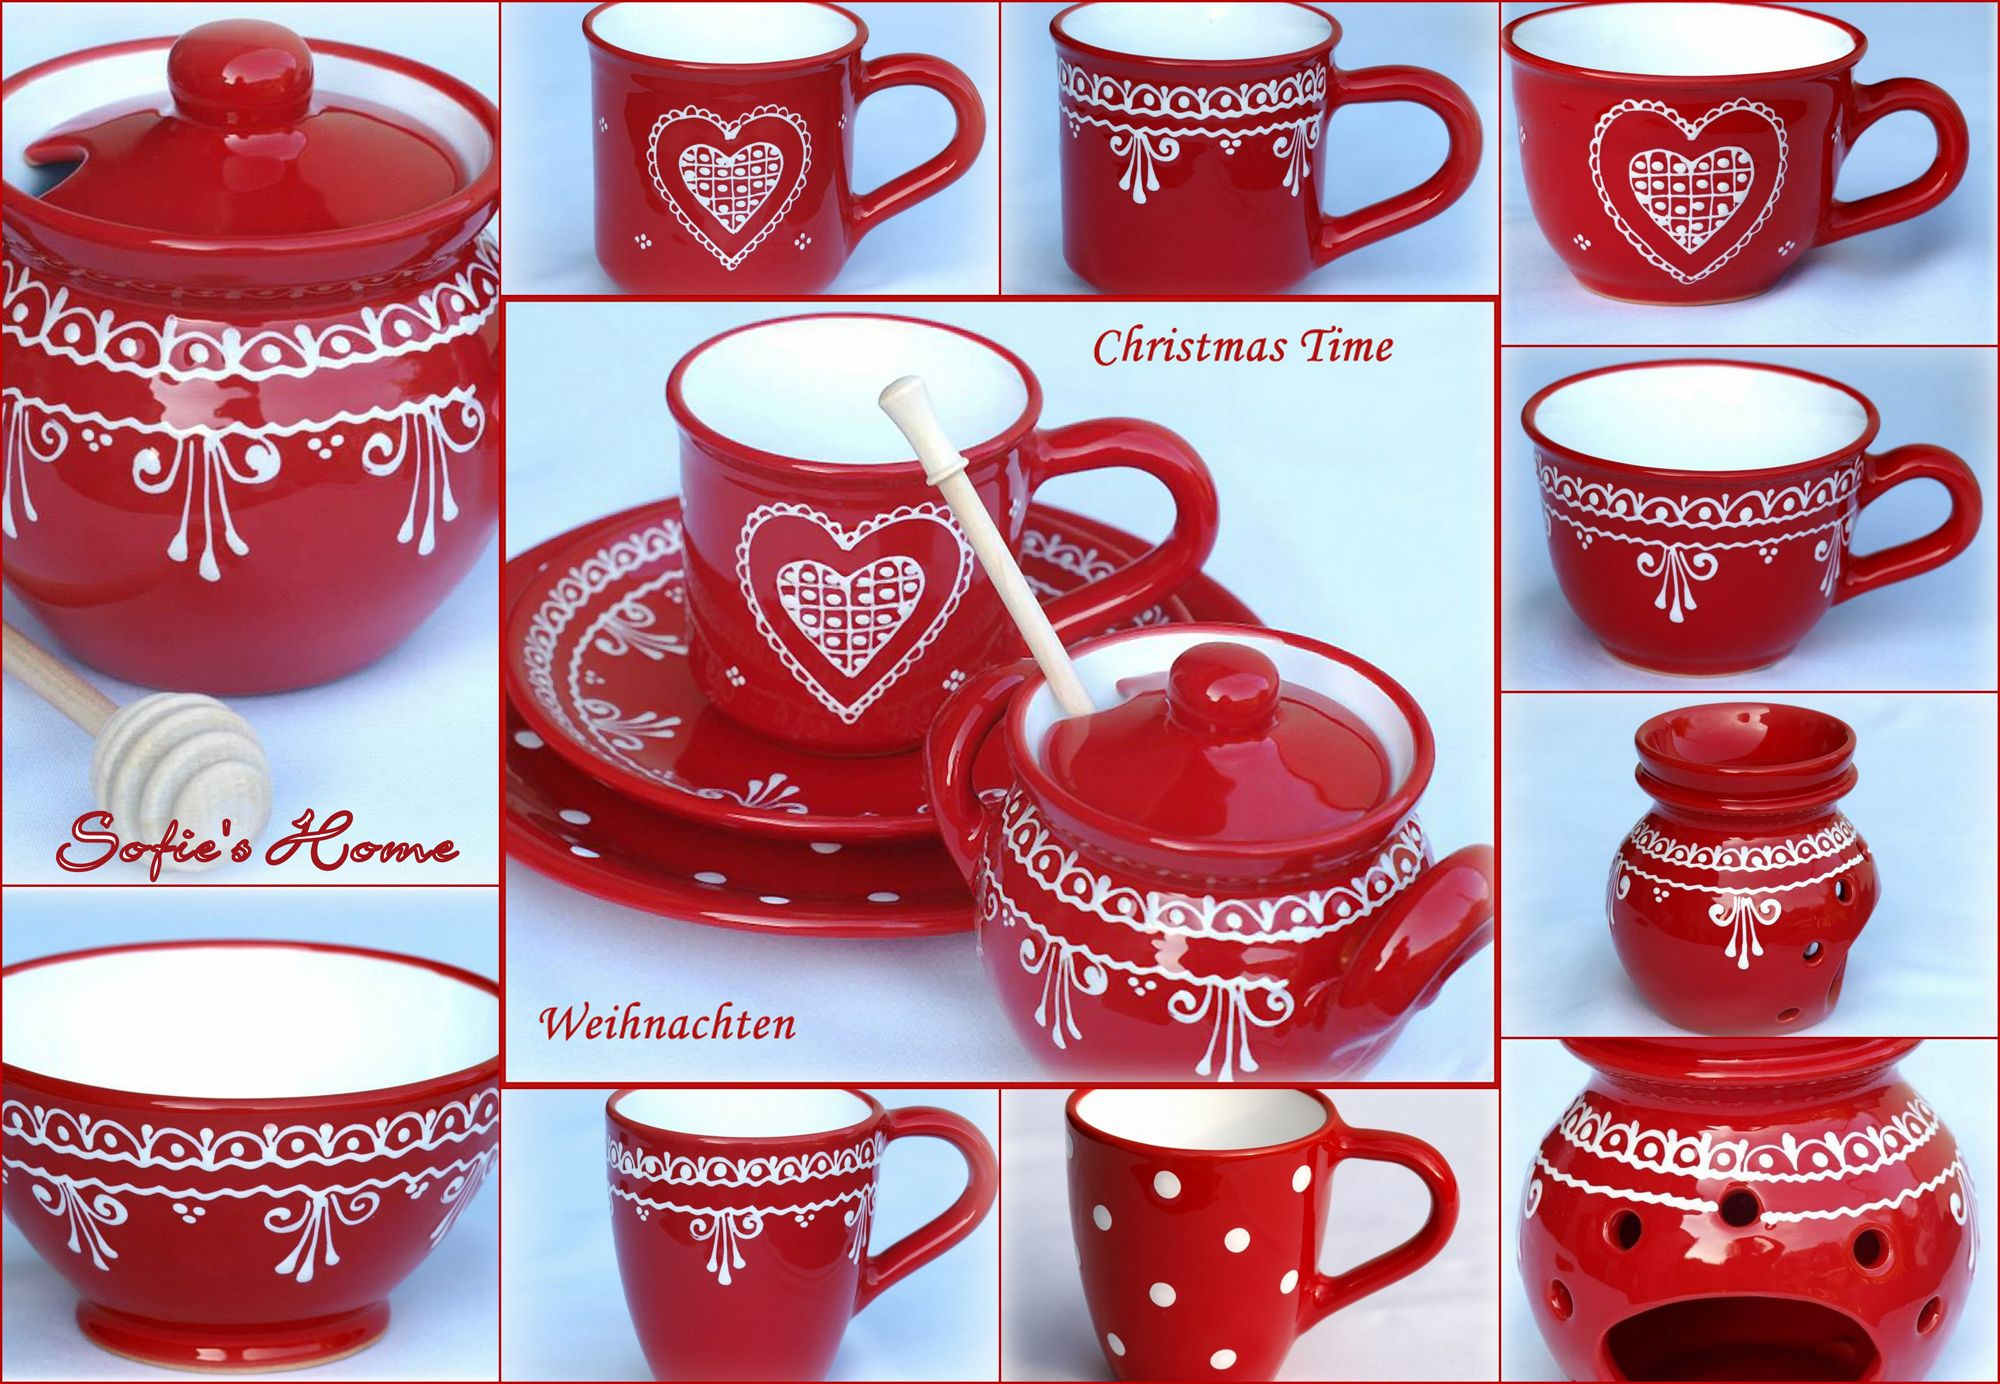 landhaus tischdeko weihnachten ideen f r den weihnachtstisch rot spitze tupfen keramik. Black Bedroom Furniture Sets. Home Design Ideas